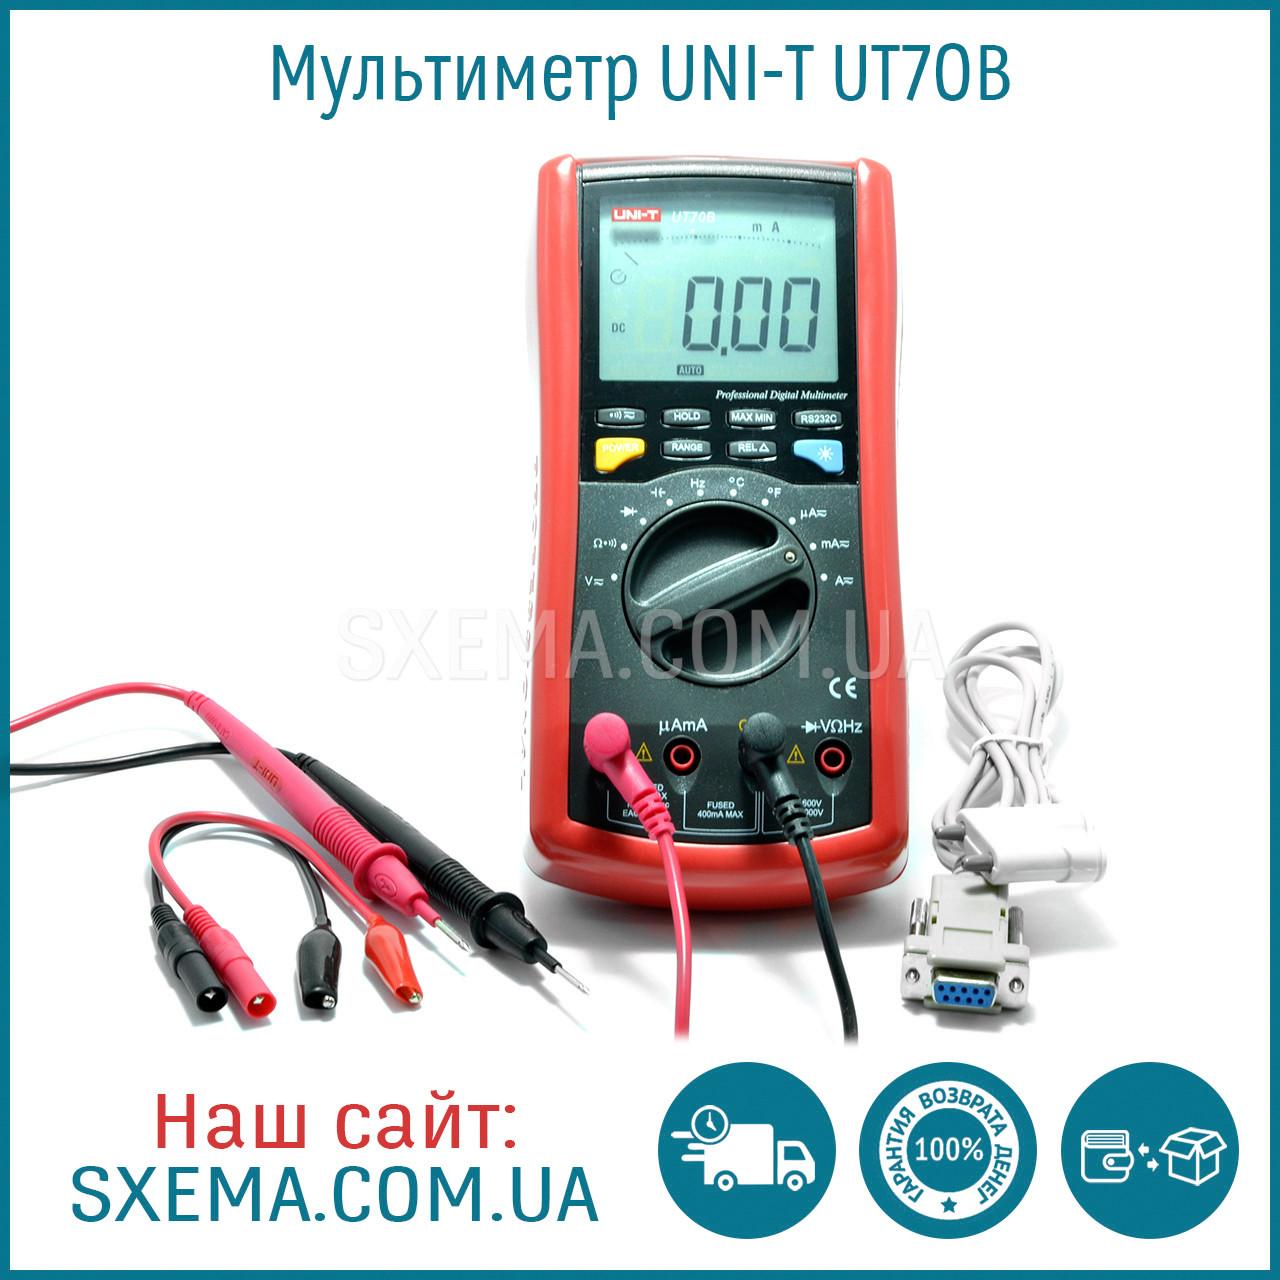 Цифровой мультиметр многофункциональный UNI-T UT-70B